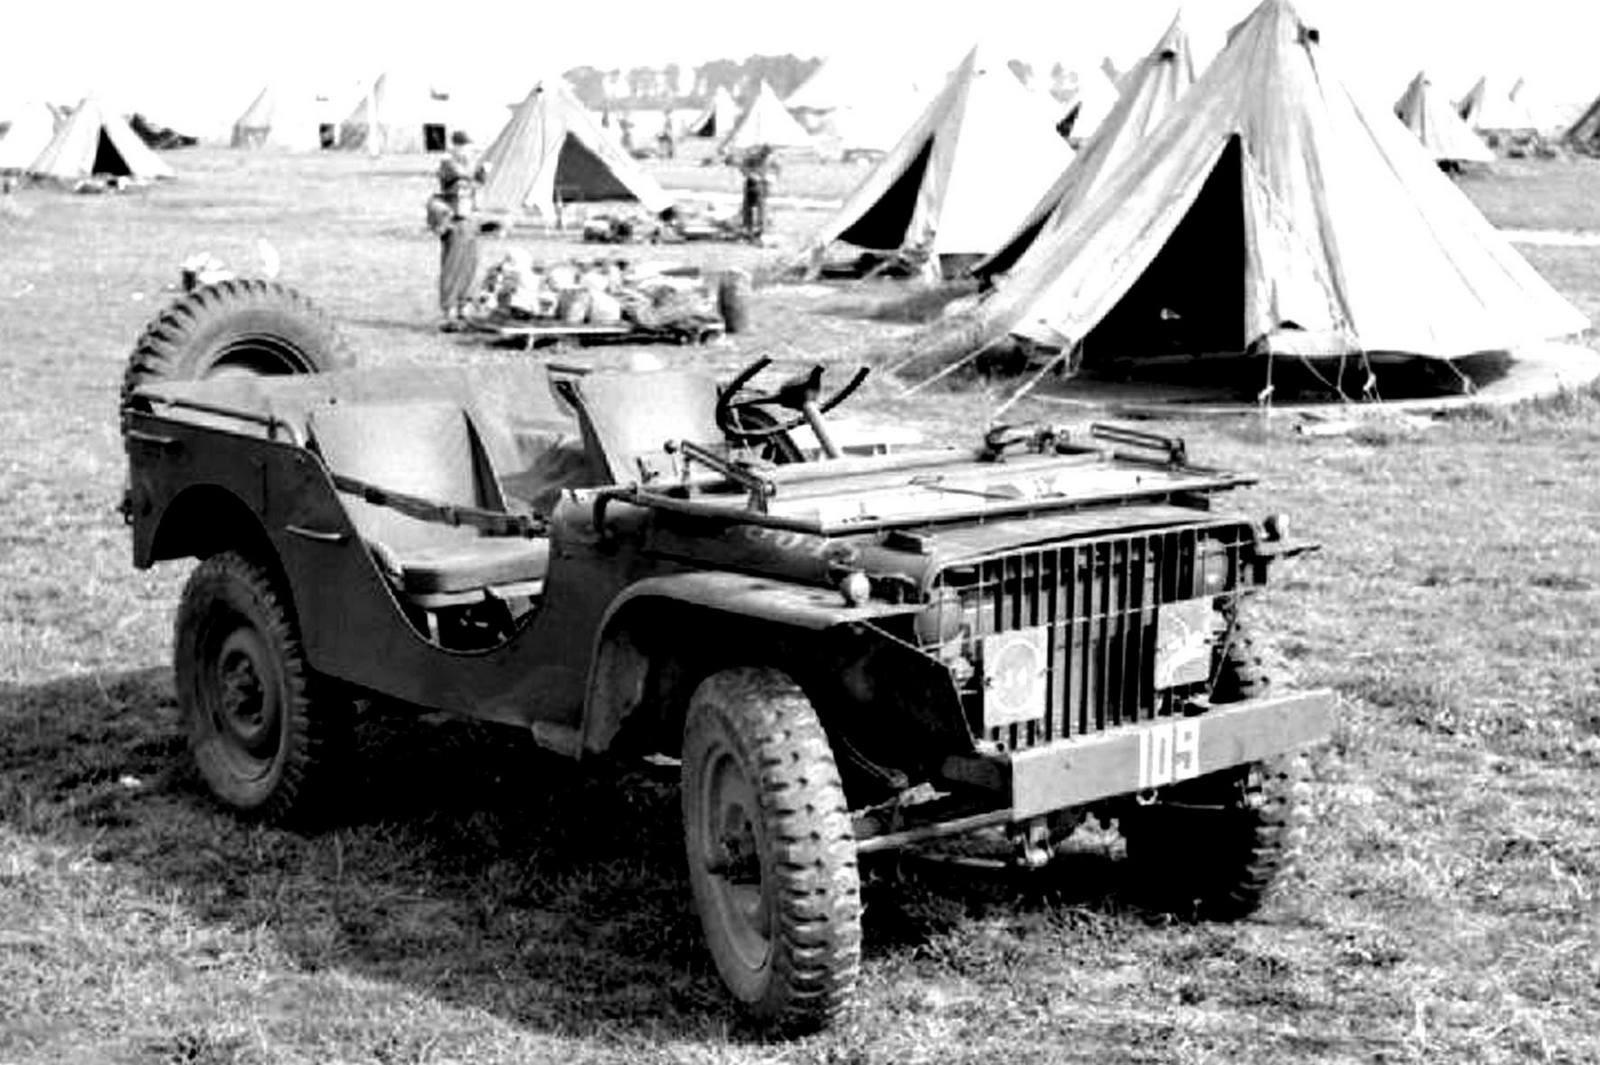 Джипы Willys в СССР: могла ли Красная армия победить без них?